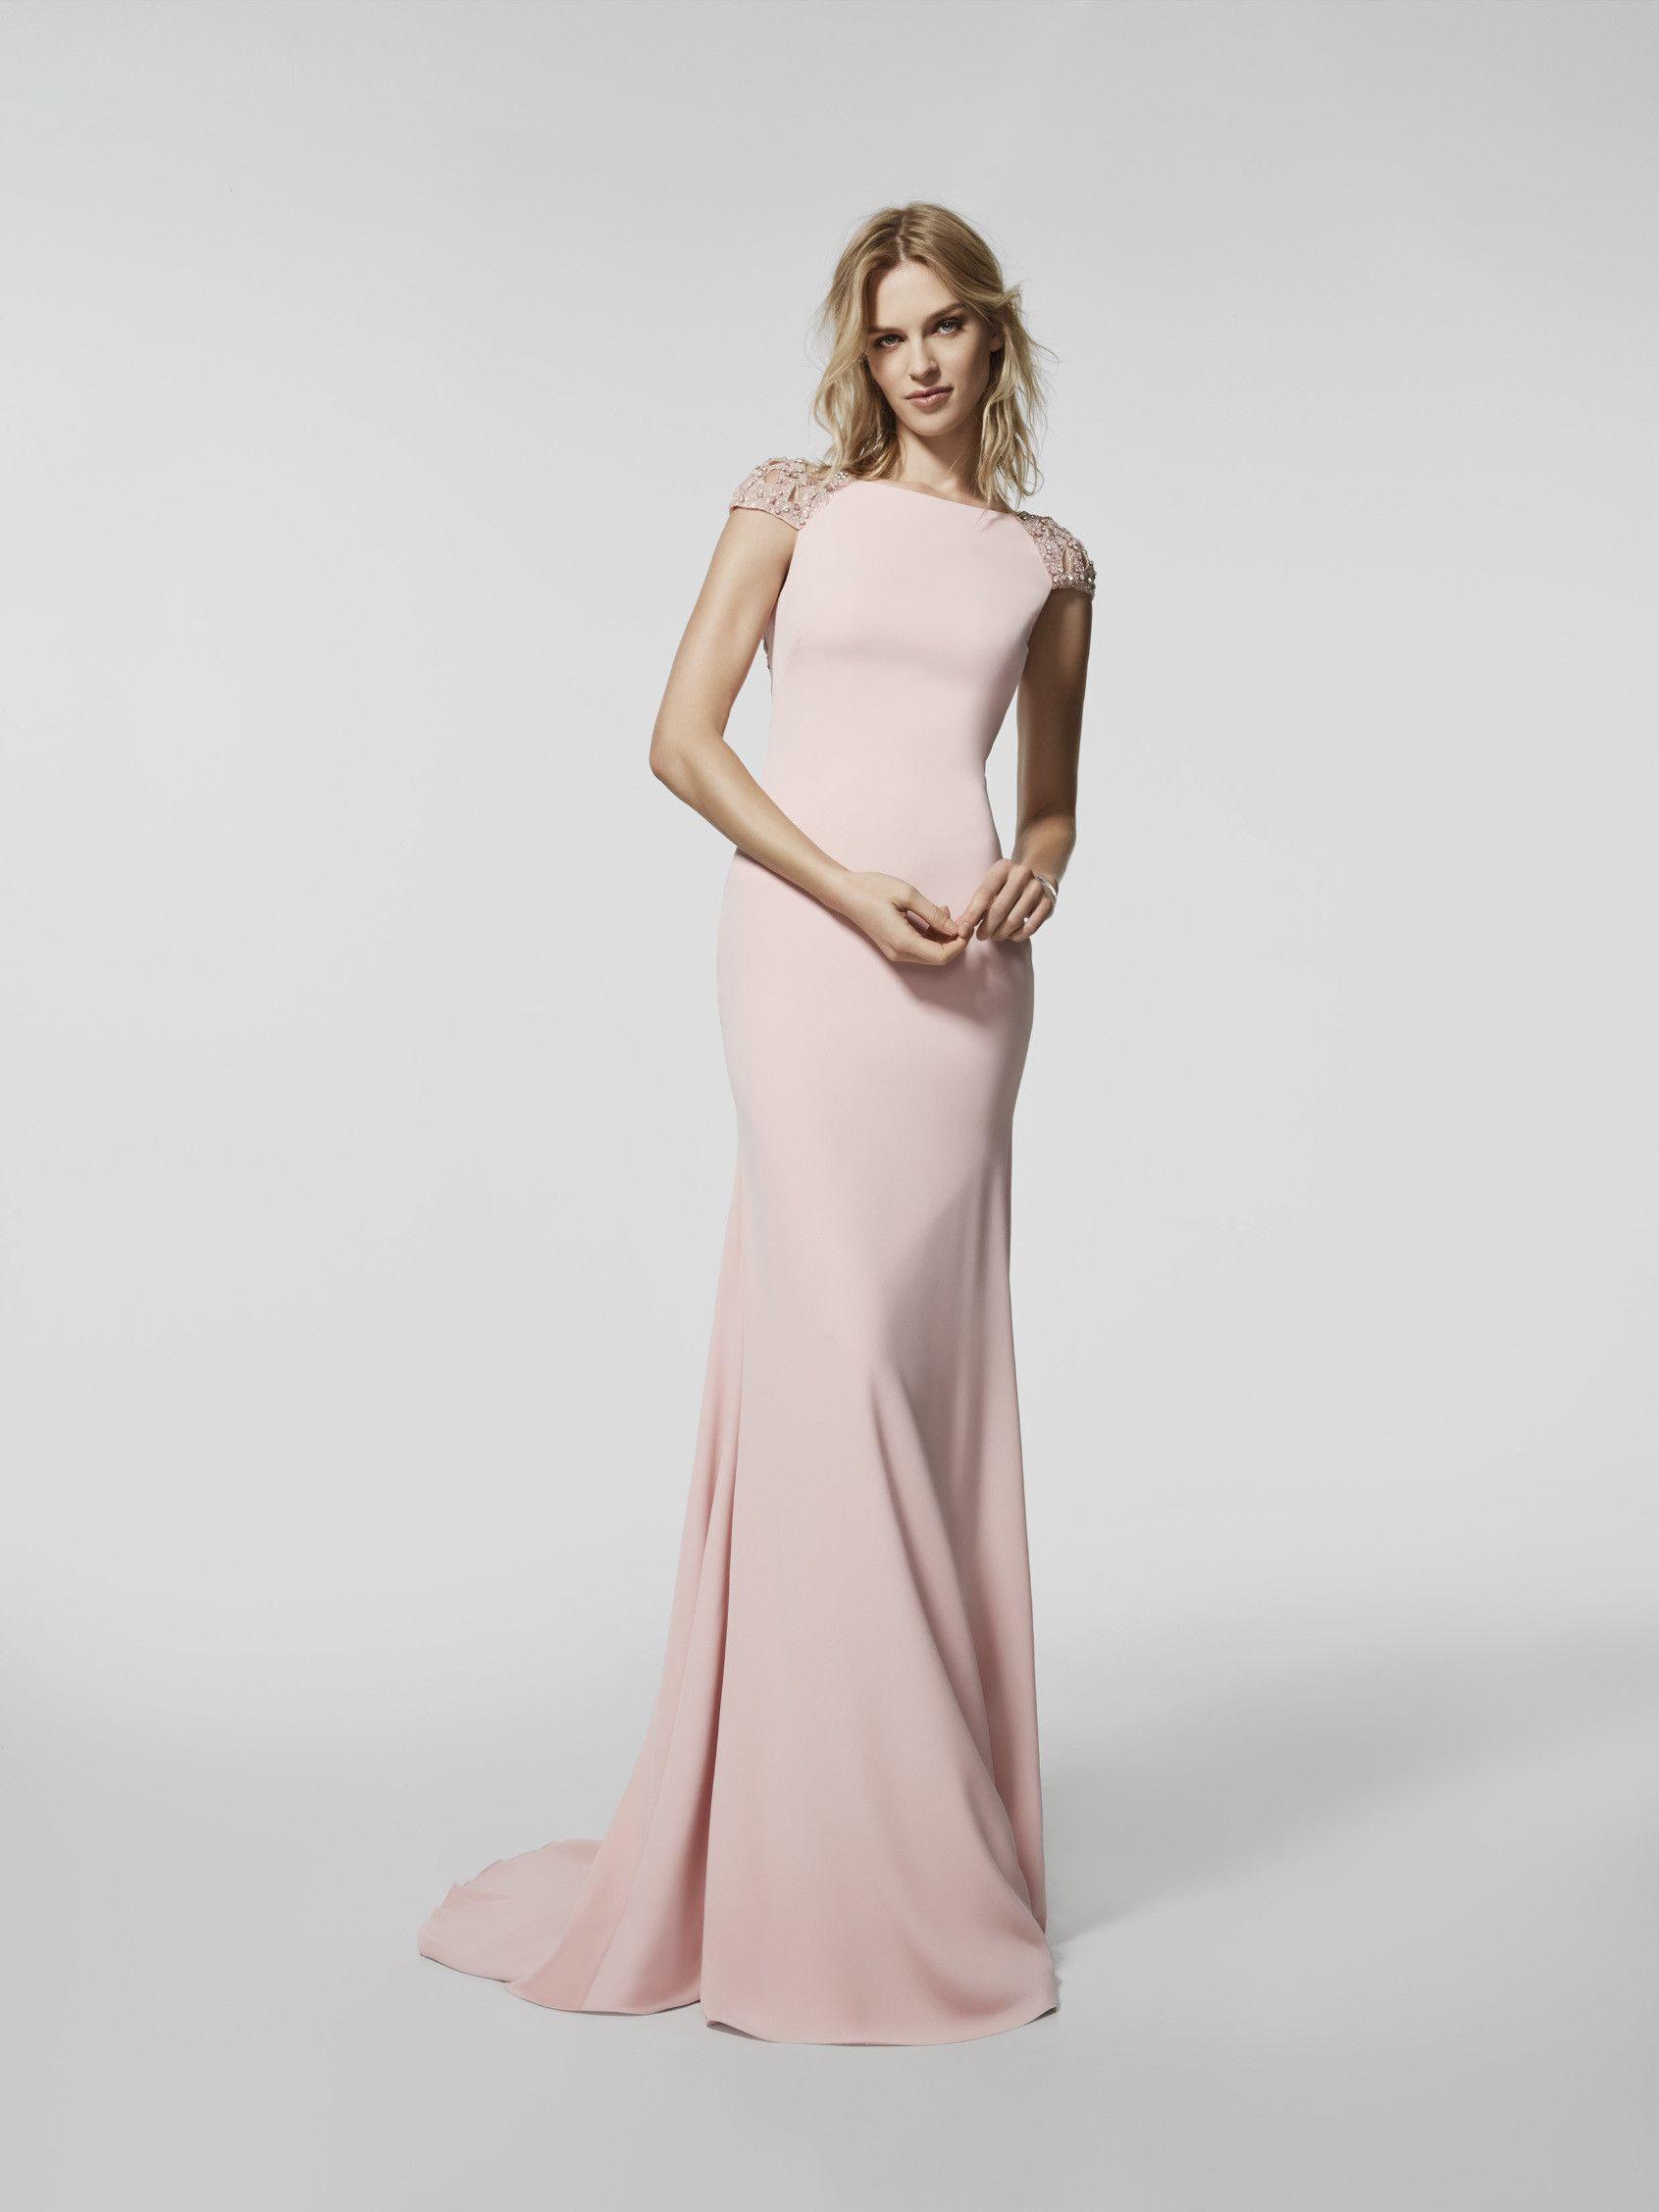 Tienda online vestidos ceremonia niрів±a